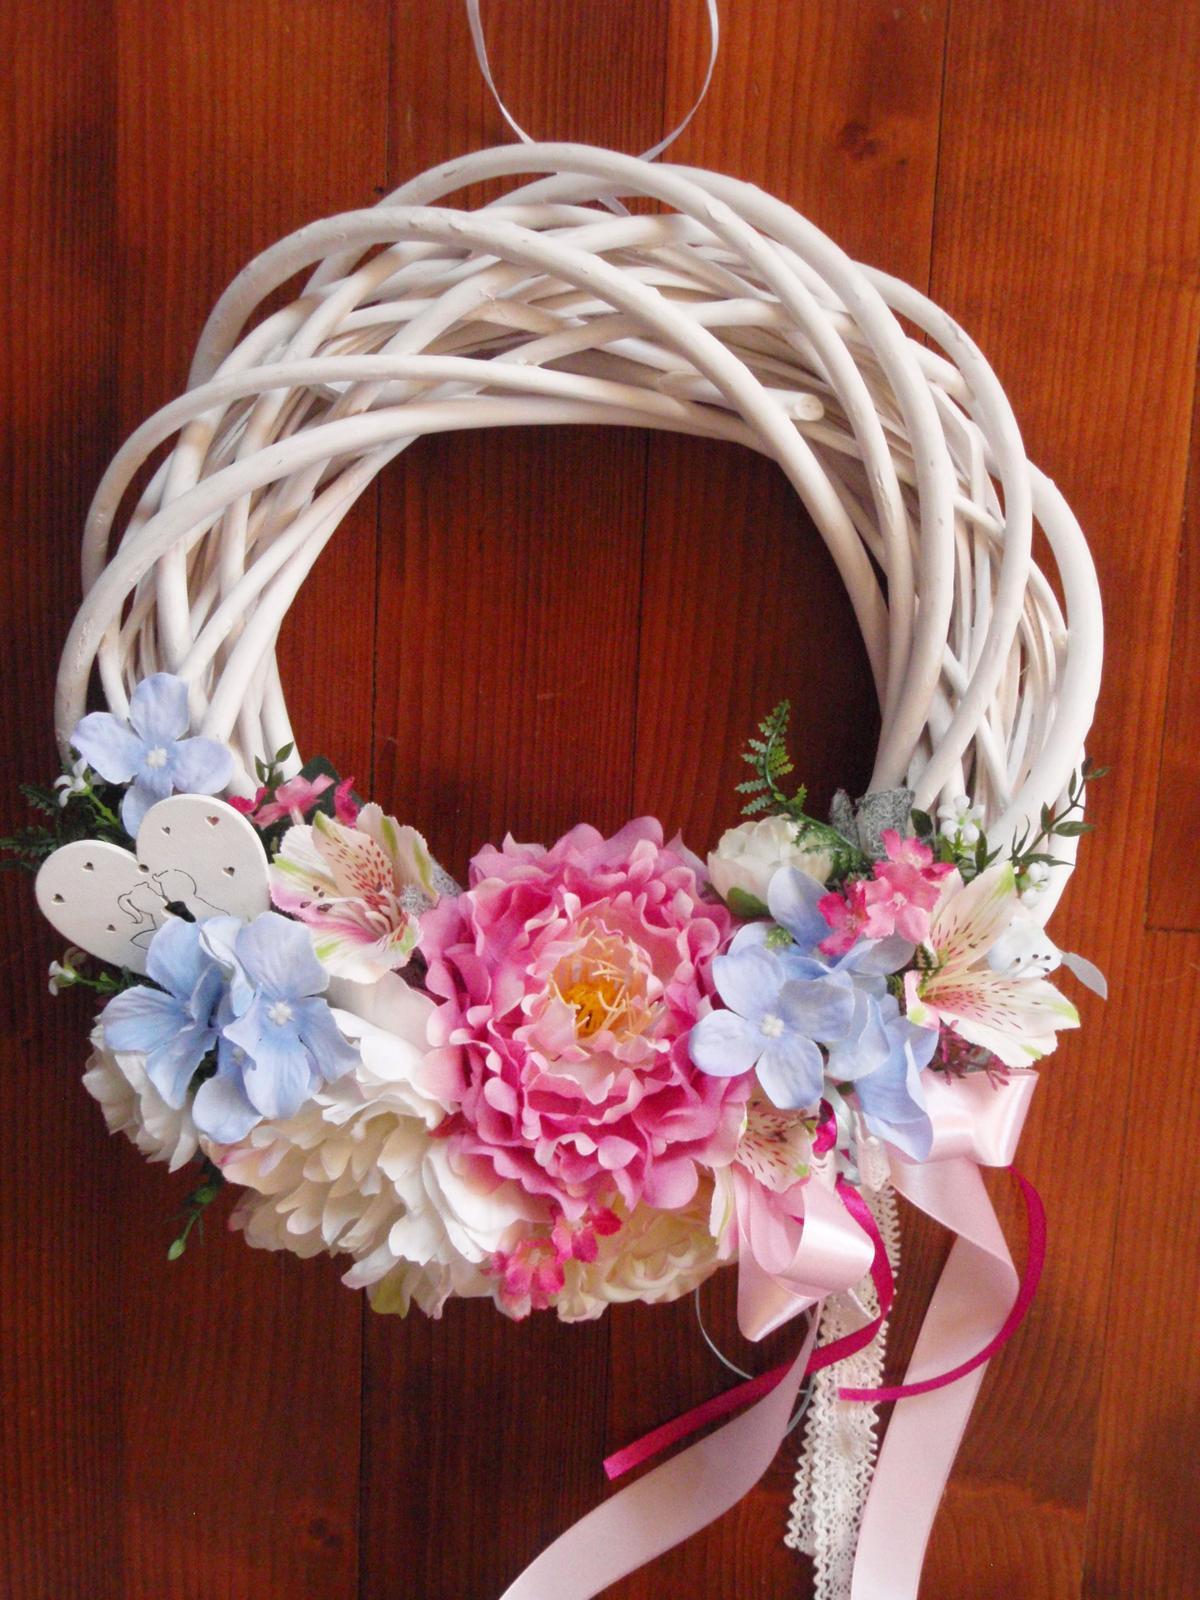 238. Ružovo-modrý svadobný veniec so srdcom 32cm - Obrázok č. 1